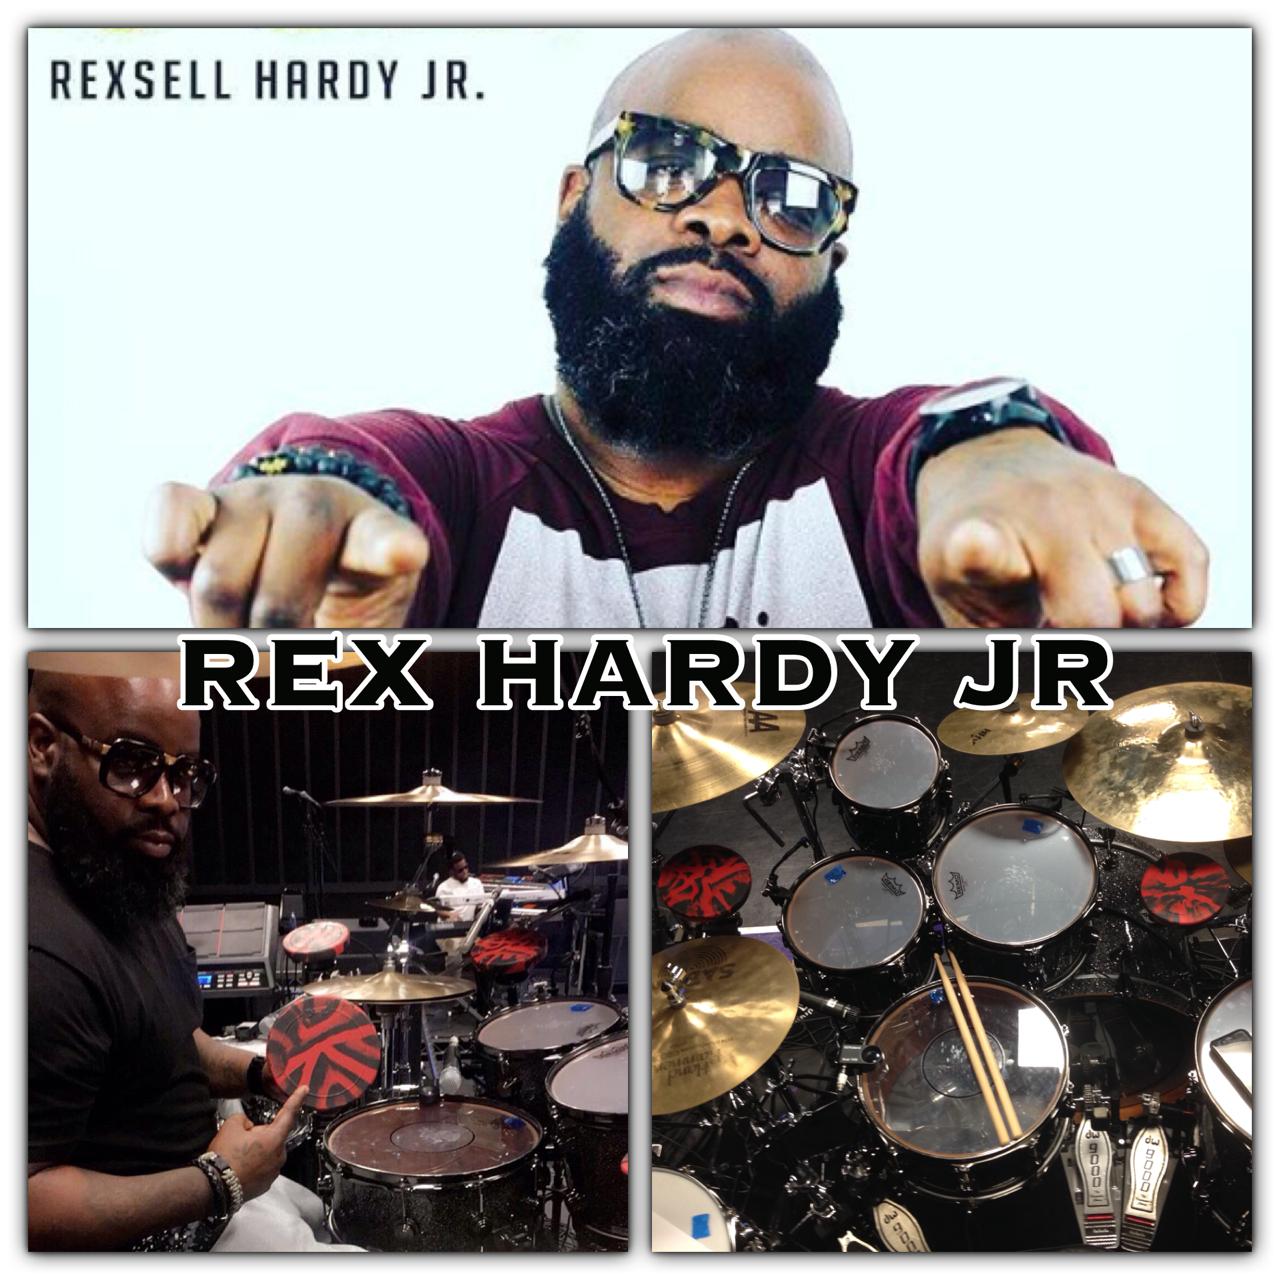 REX HARDY JR